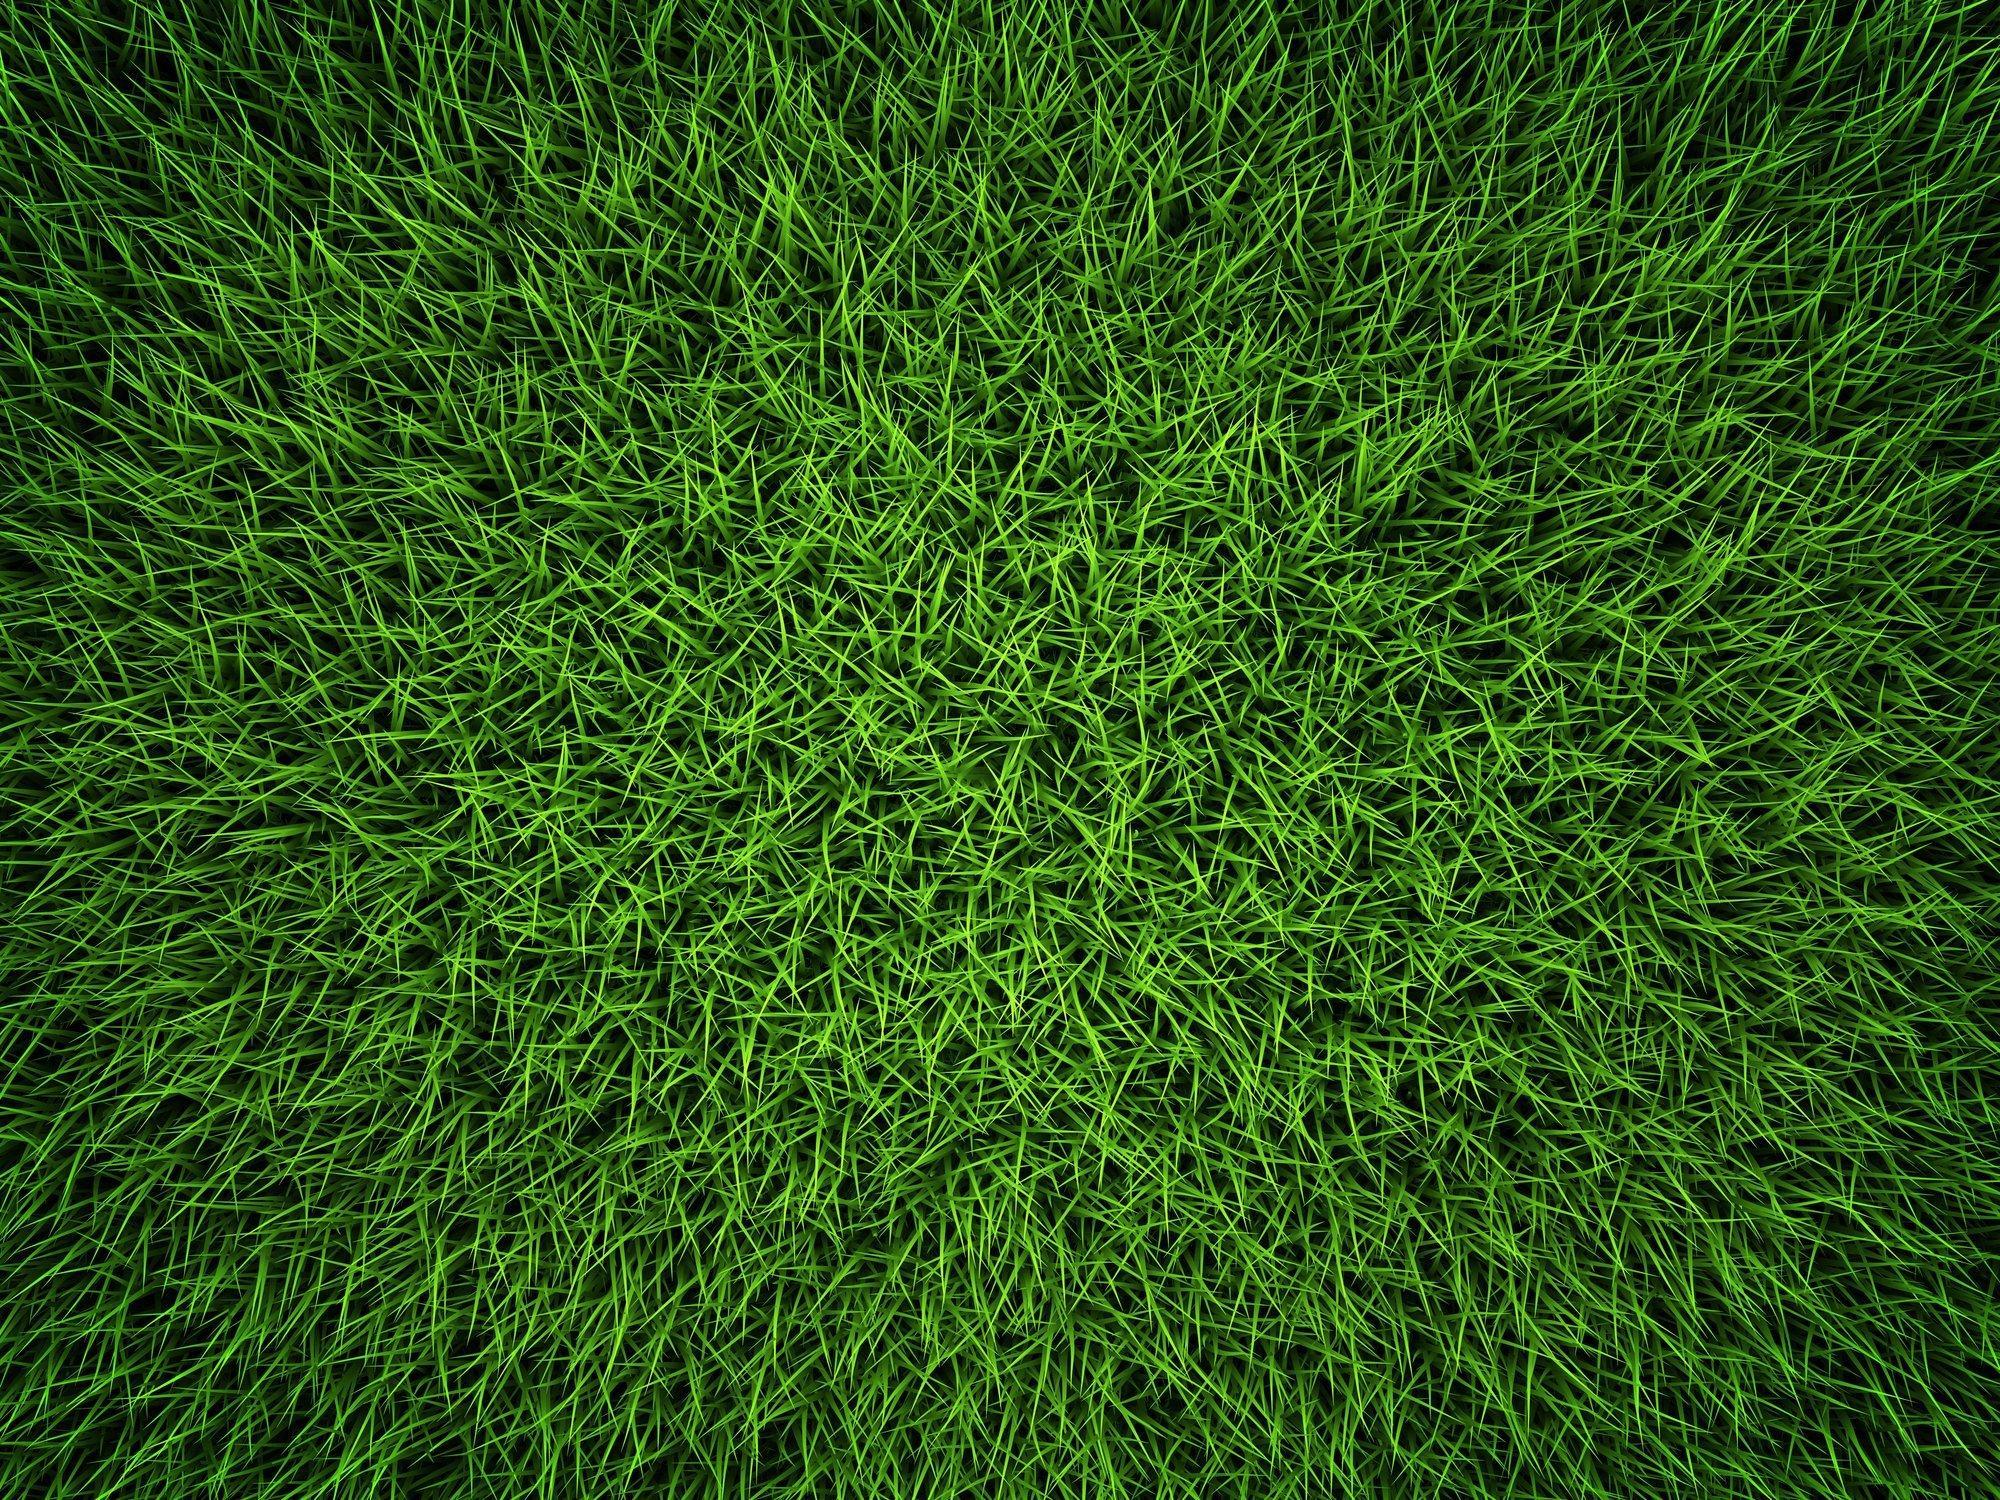 Gras von oben fotografiert, kein Blümlein zu sehen